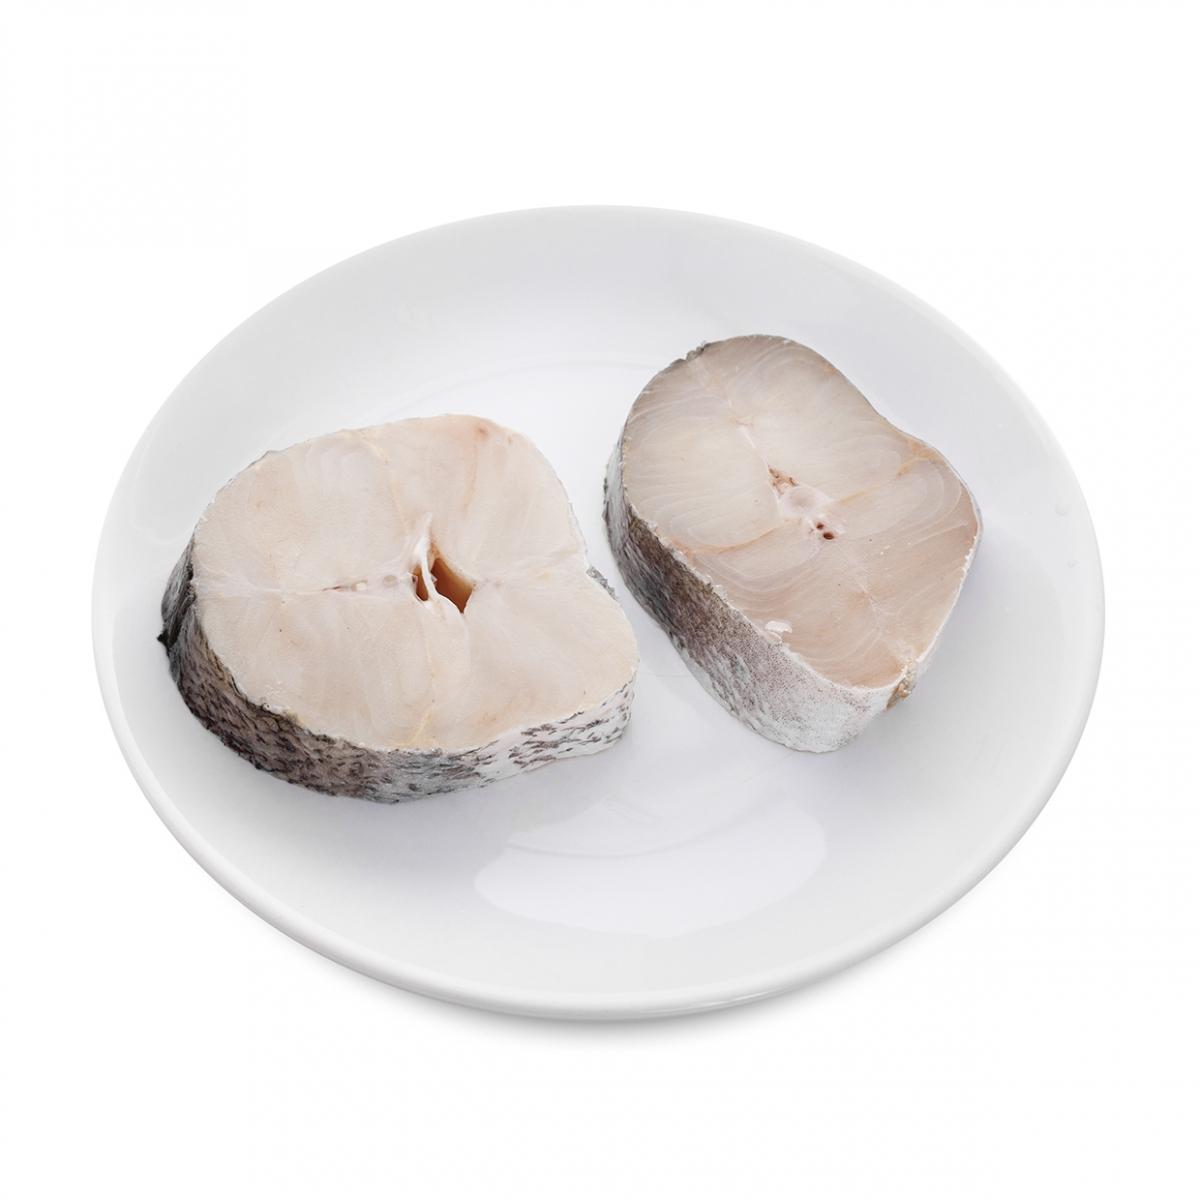 Imagen en la que se ve un plato con dos rodajas de merluza